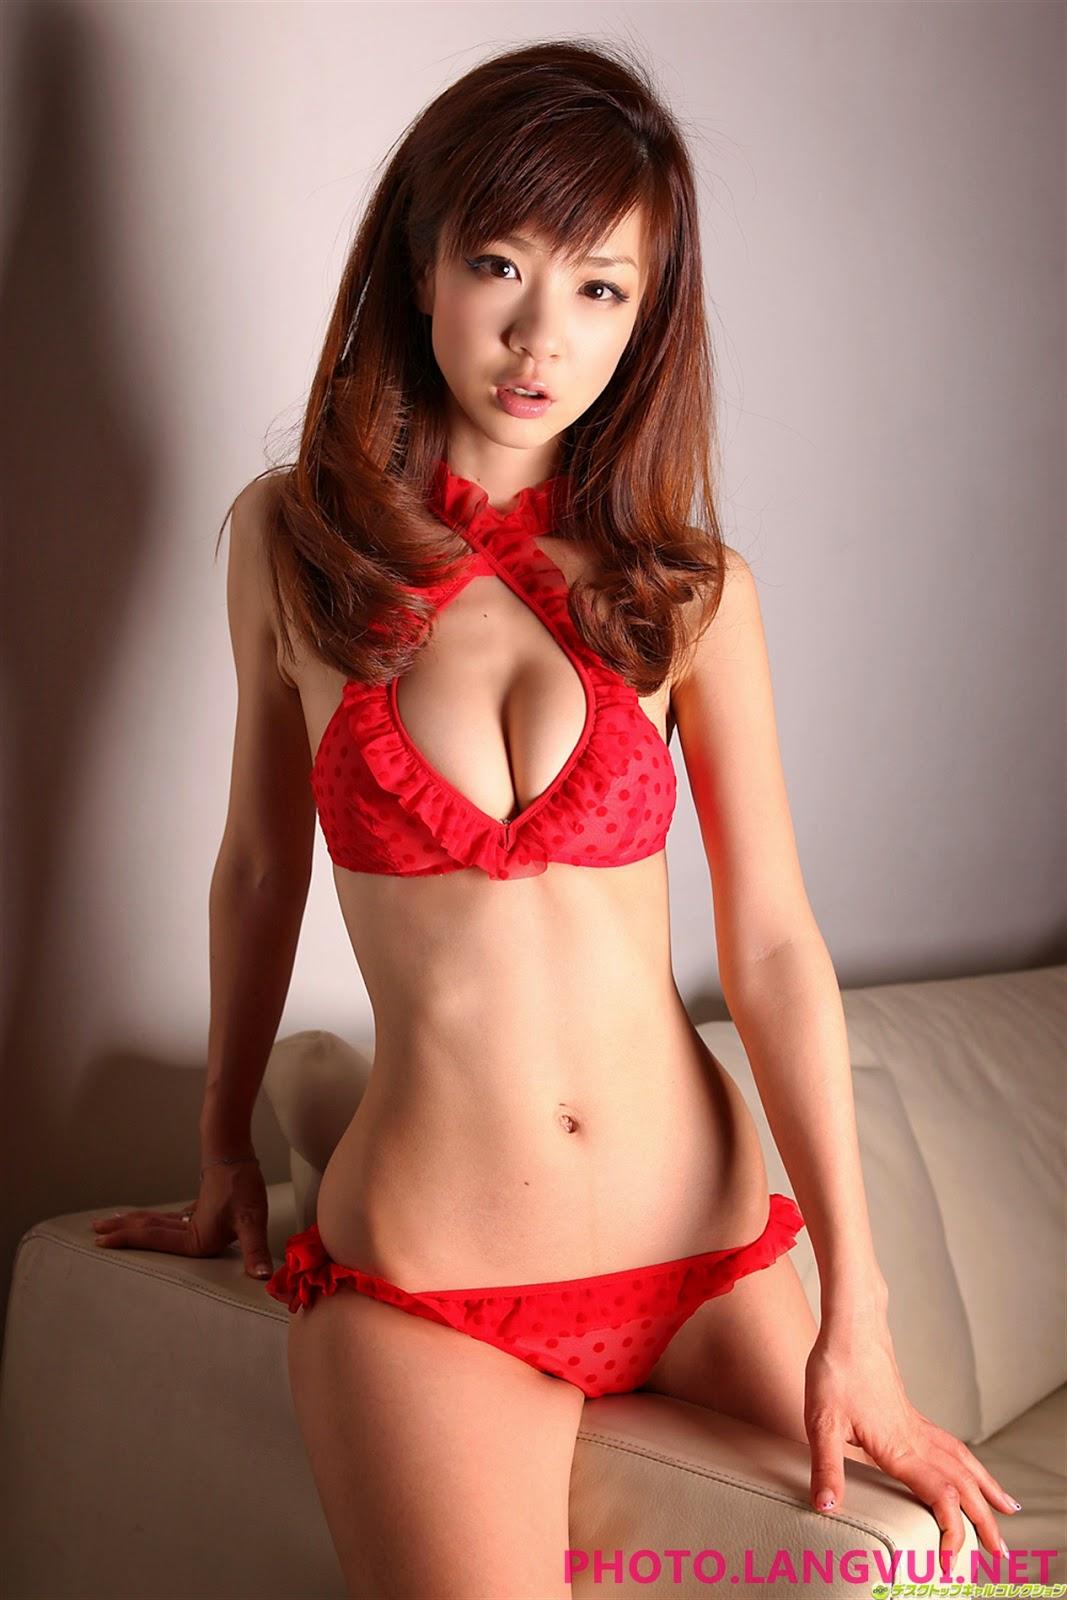 Сексуальные фото кореек 16 фотография